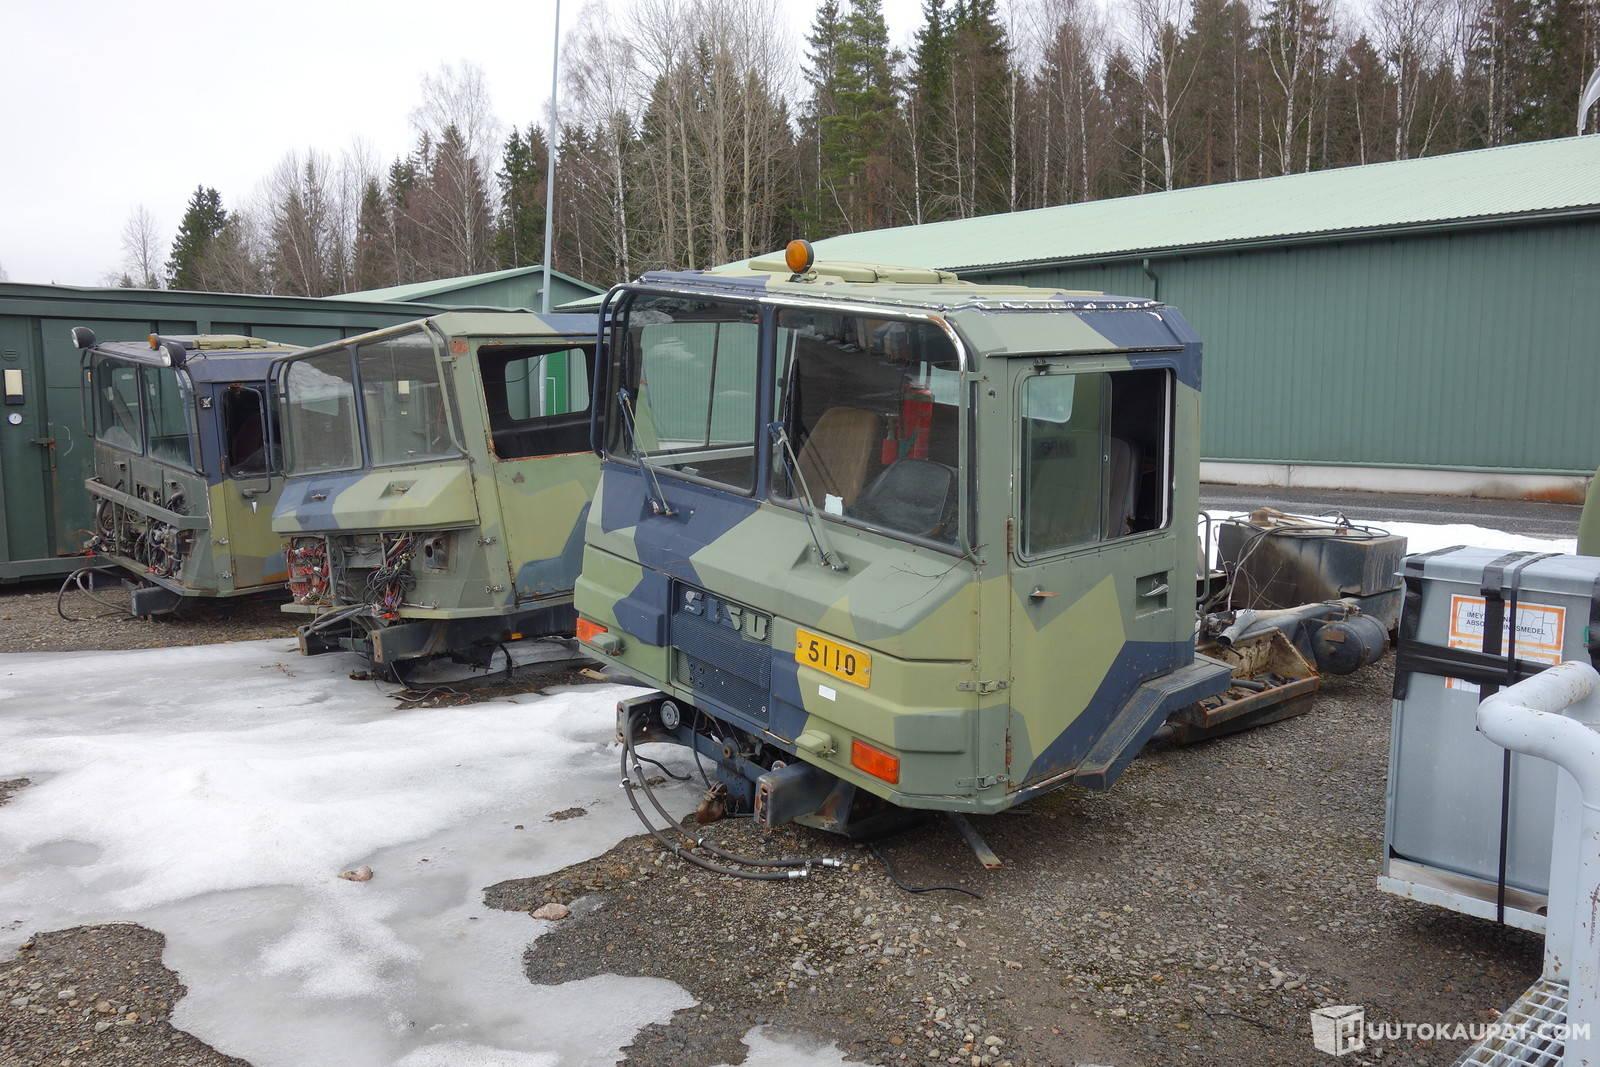 Puolustusvoimien Huutokauppa